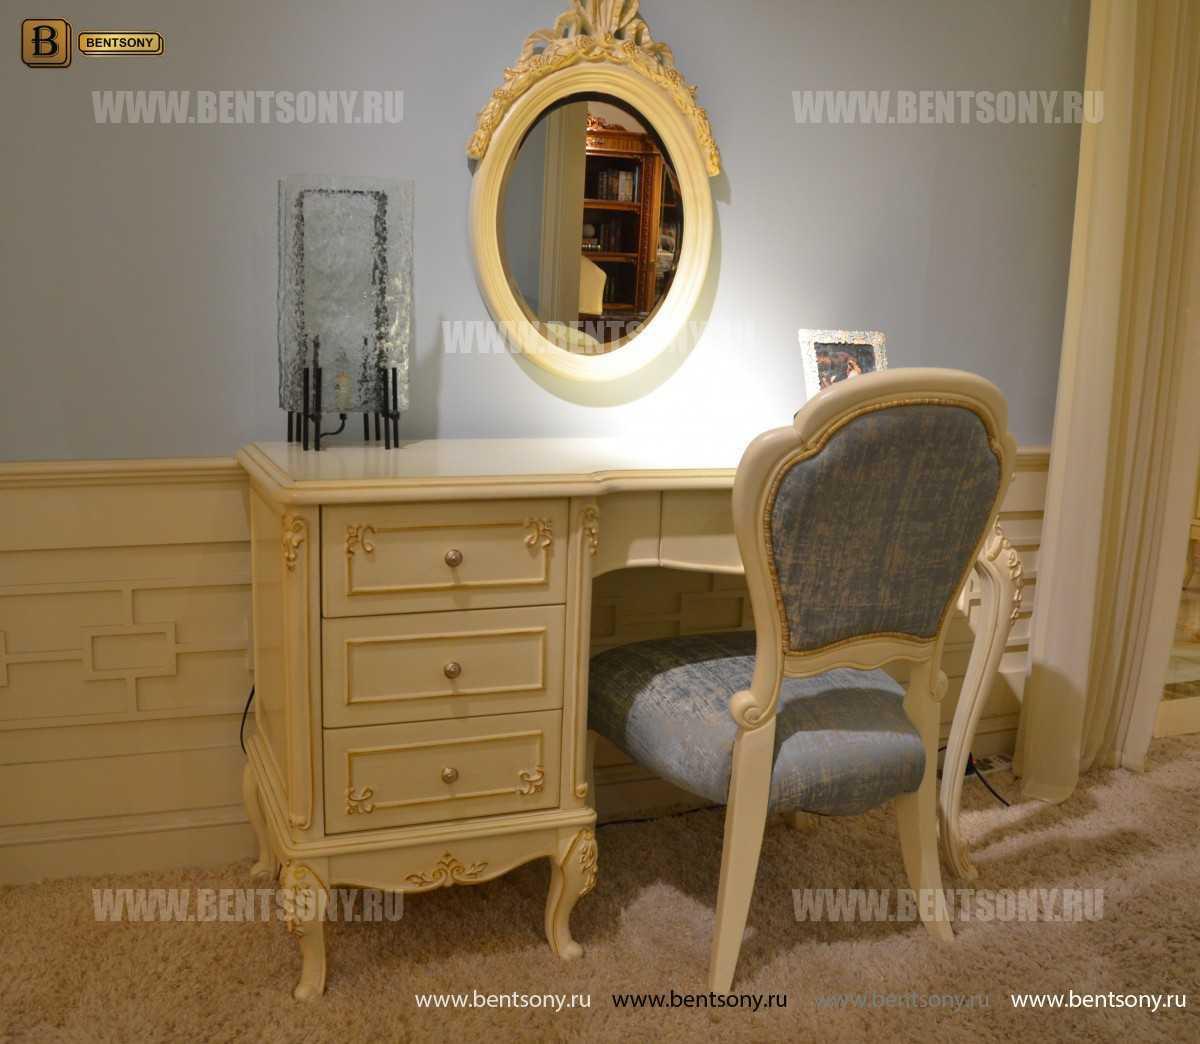 Стол туалетный Митчел А классический (Белый, Массив дерева) для квартиры